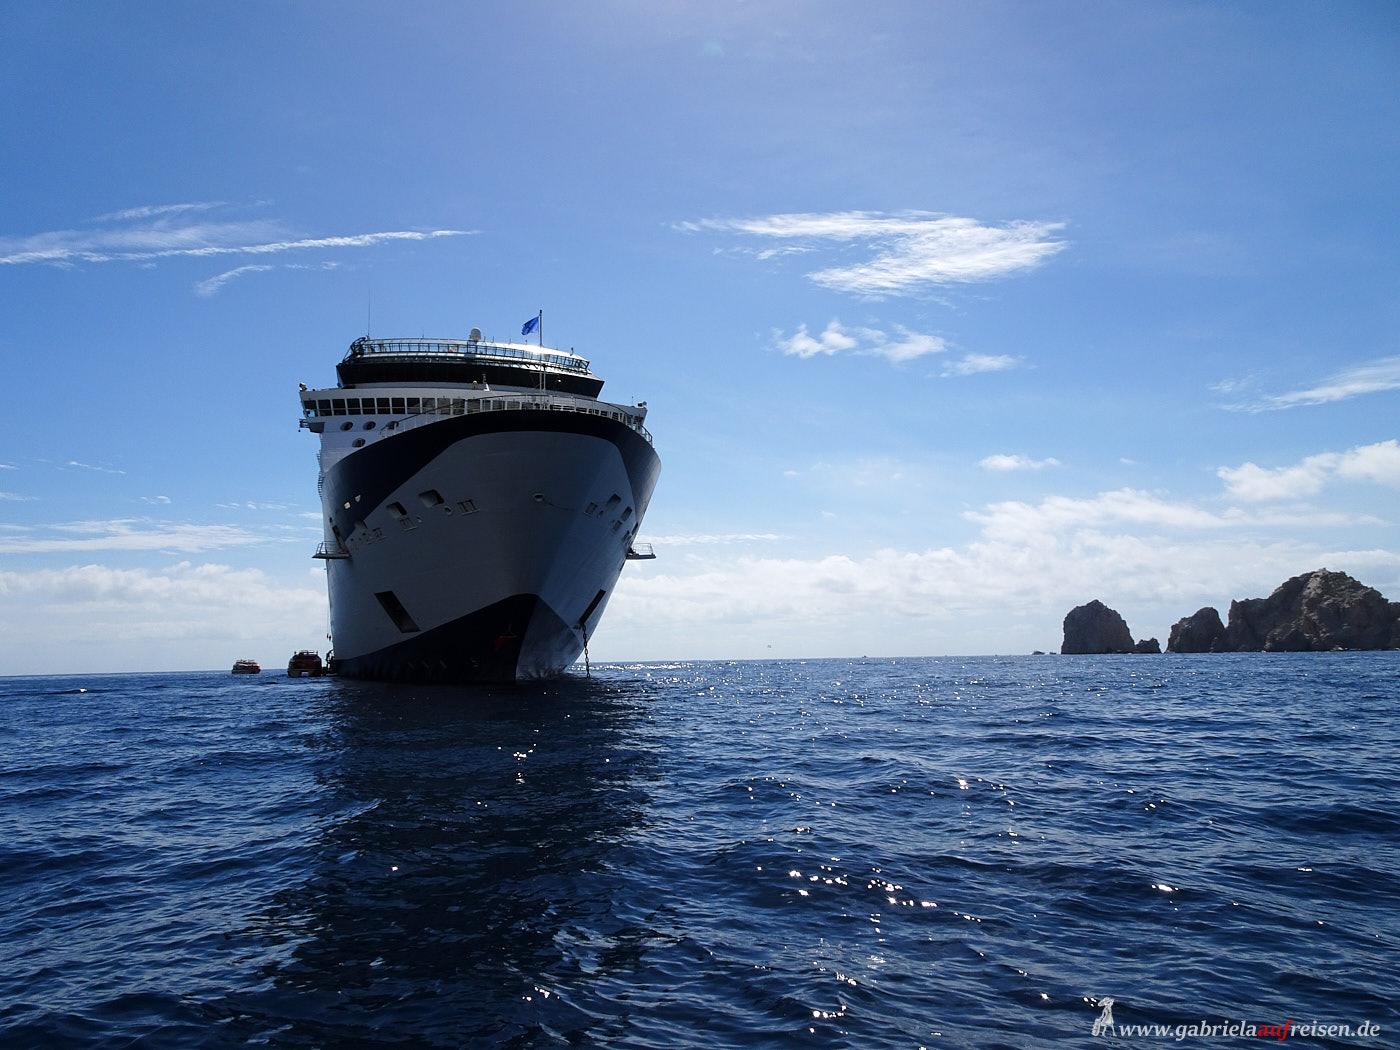 Mexico, cruise